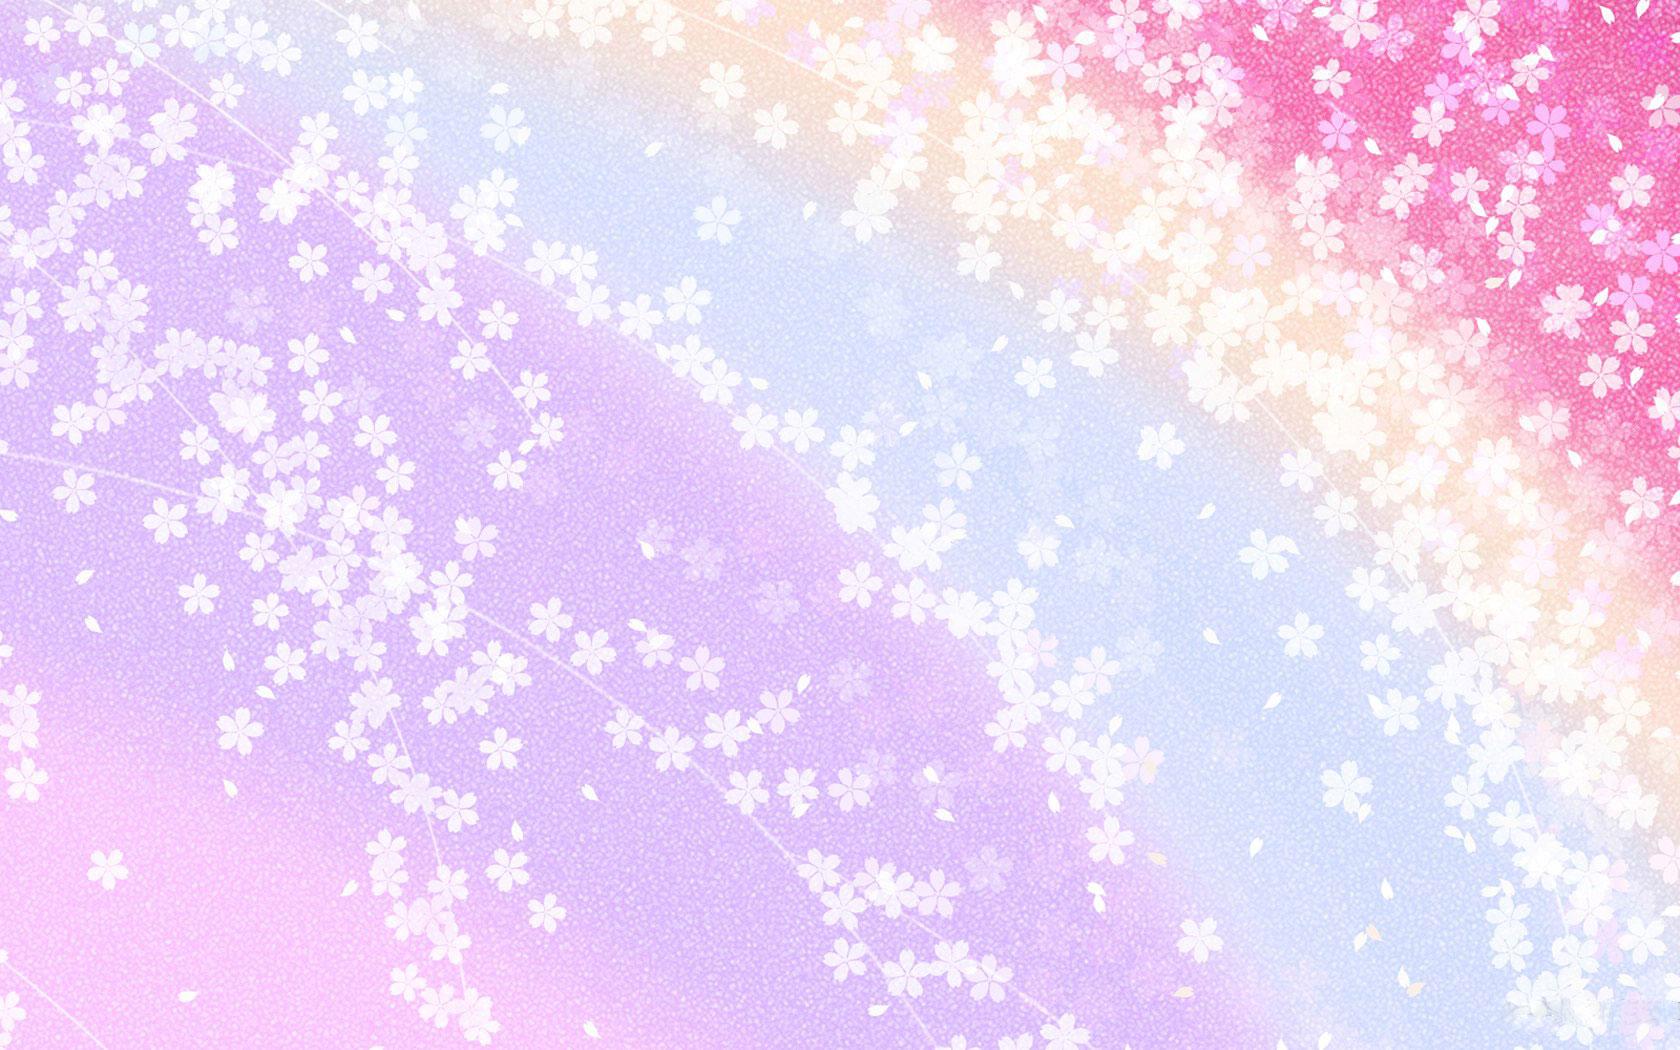 花のイラストフリー素材壁紙背景no010赤青紫虹カーブ